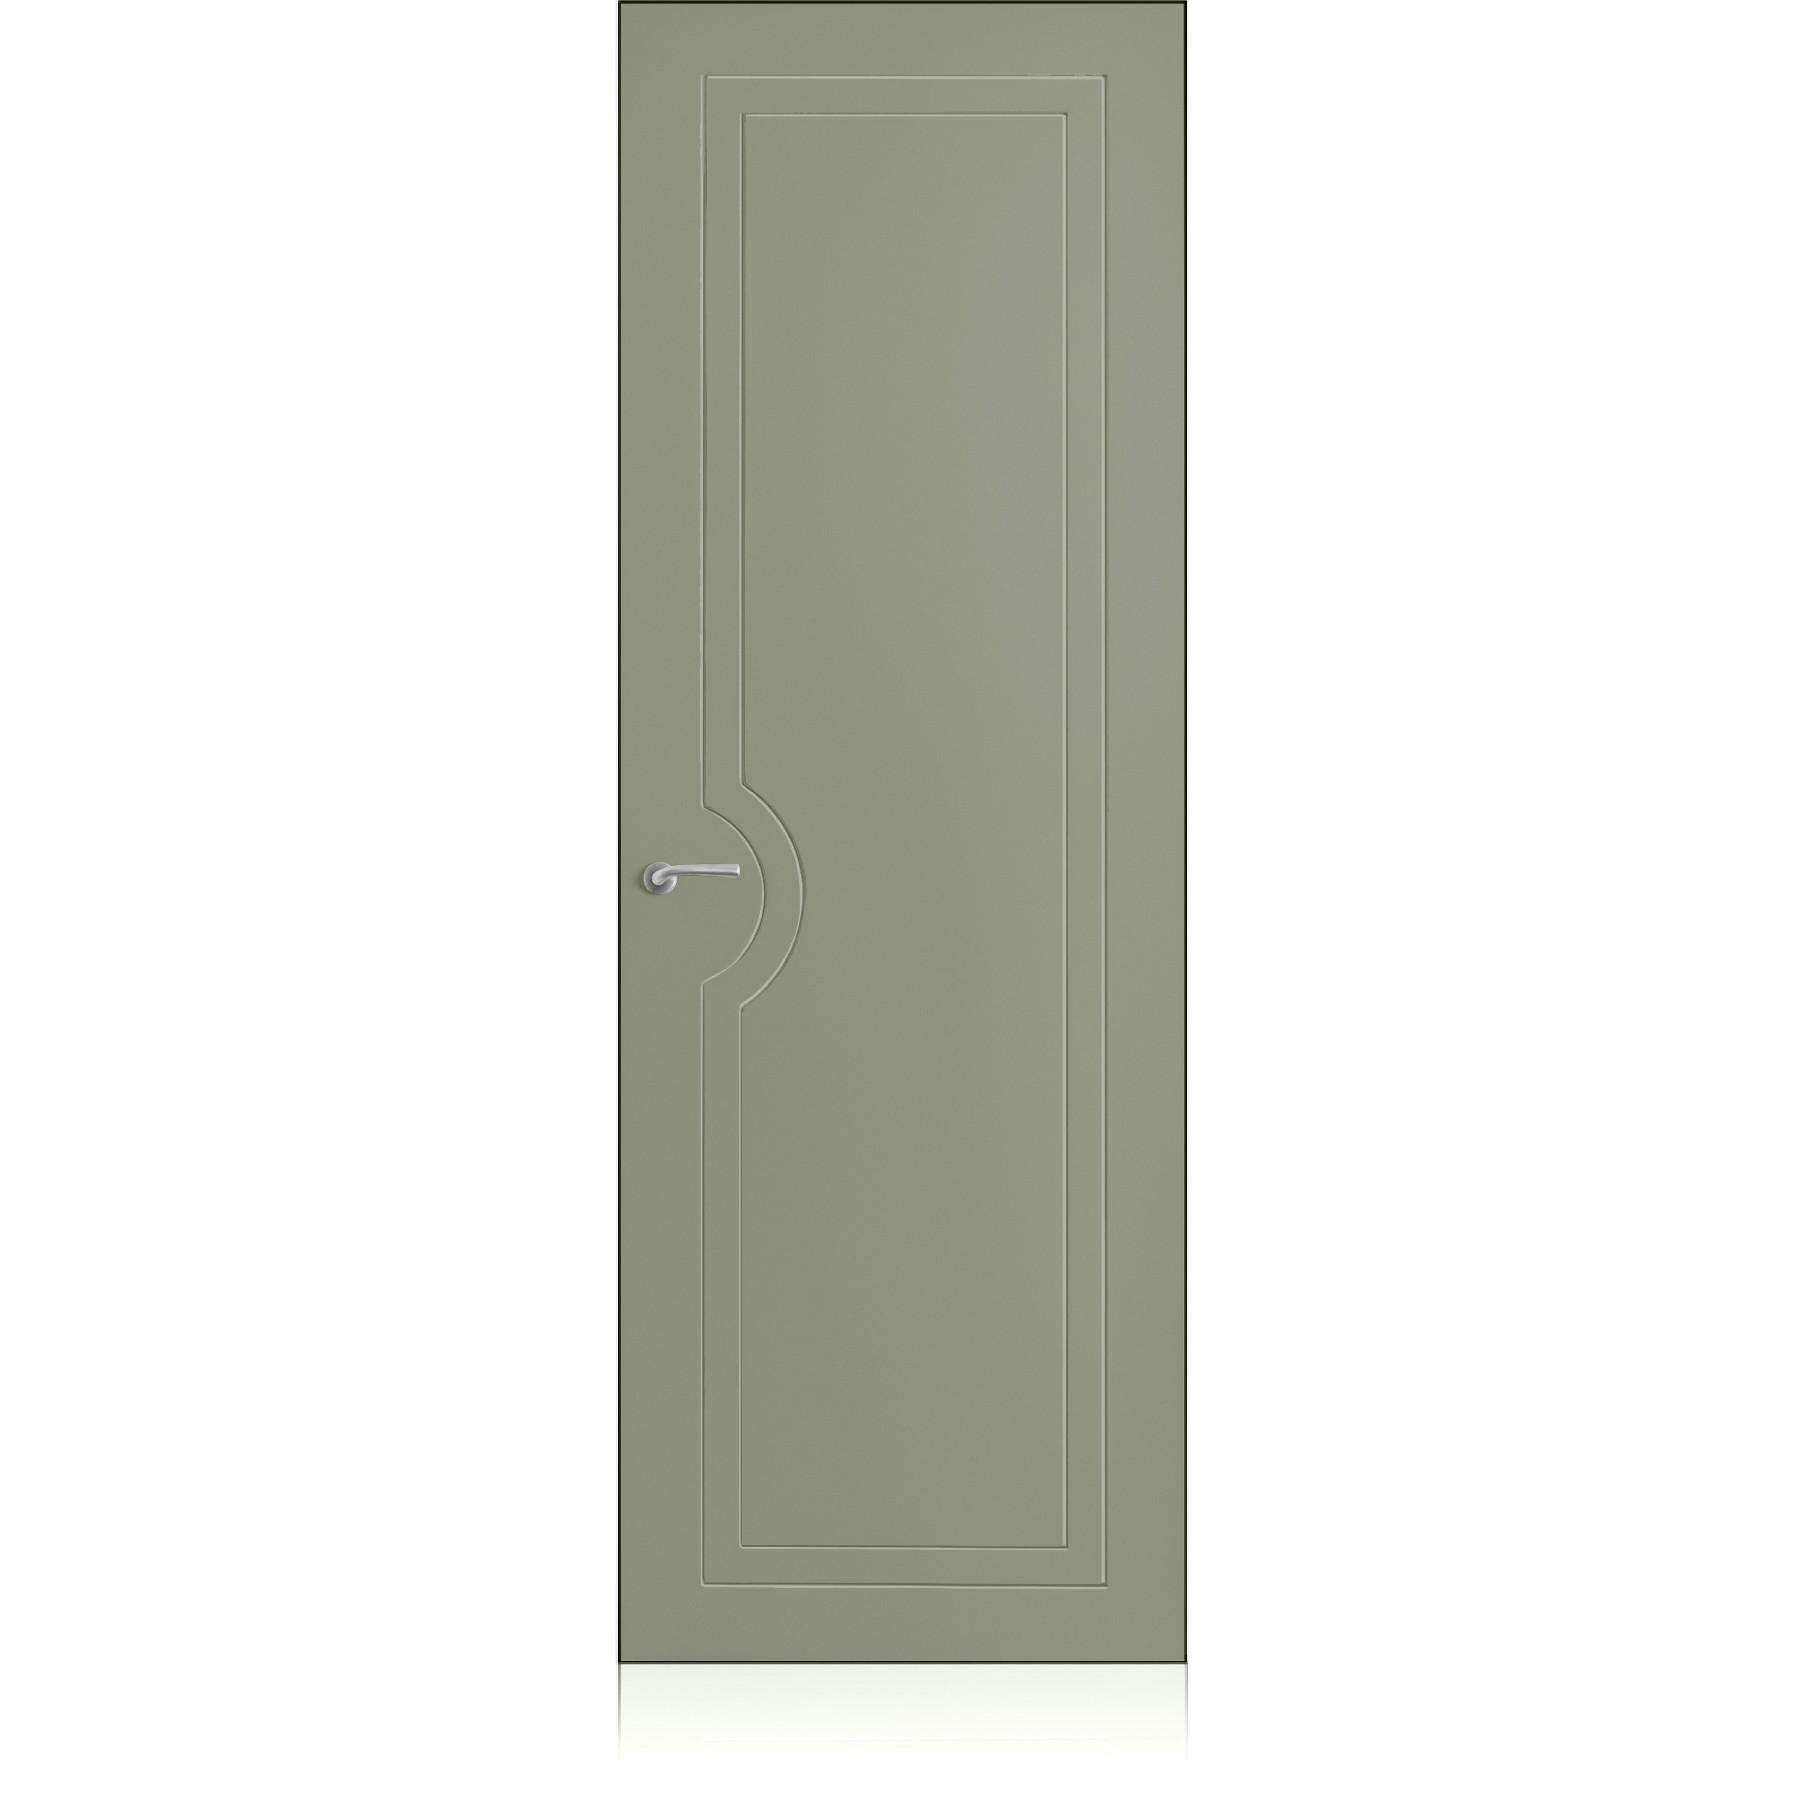 Porta Yncisa/1 Zero Lichene Light Laccato ULTRAopaco